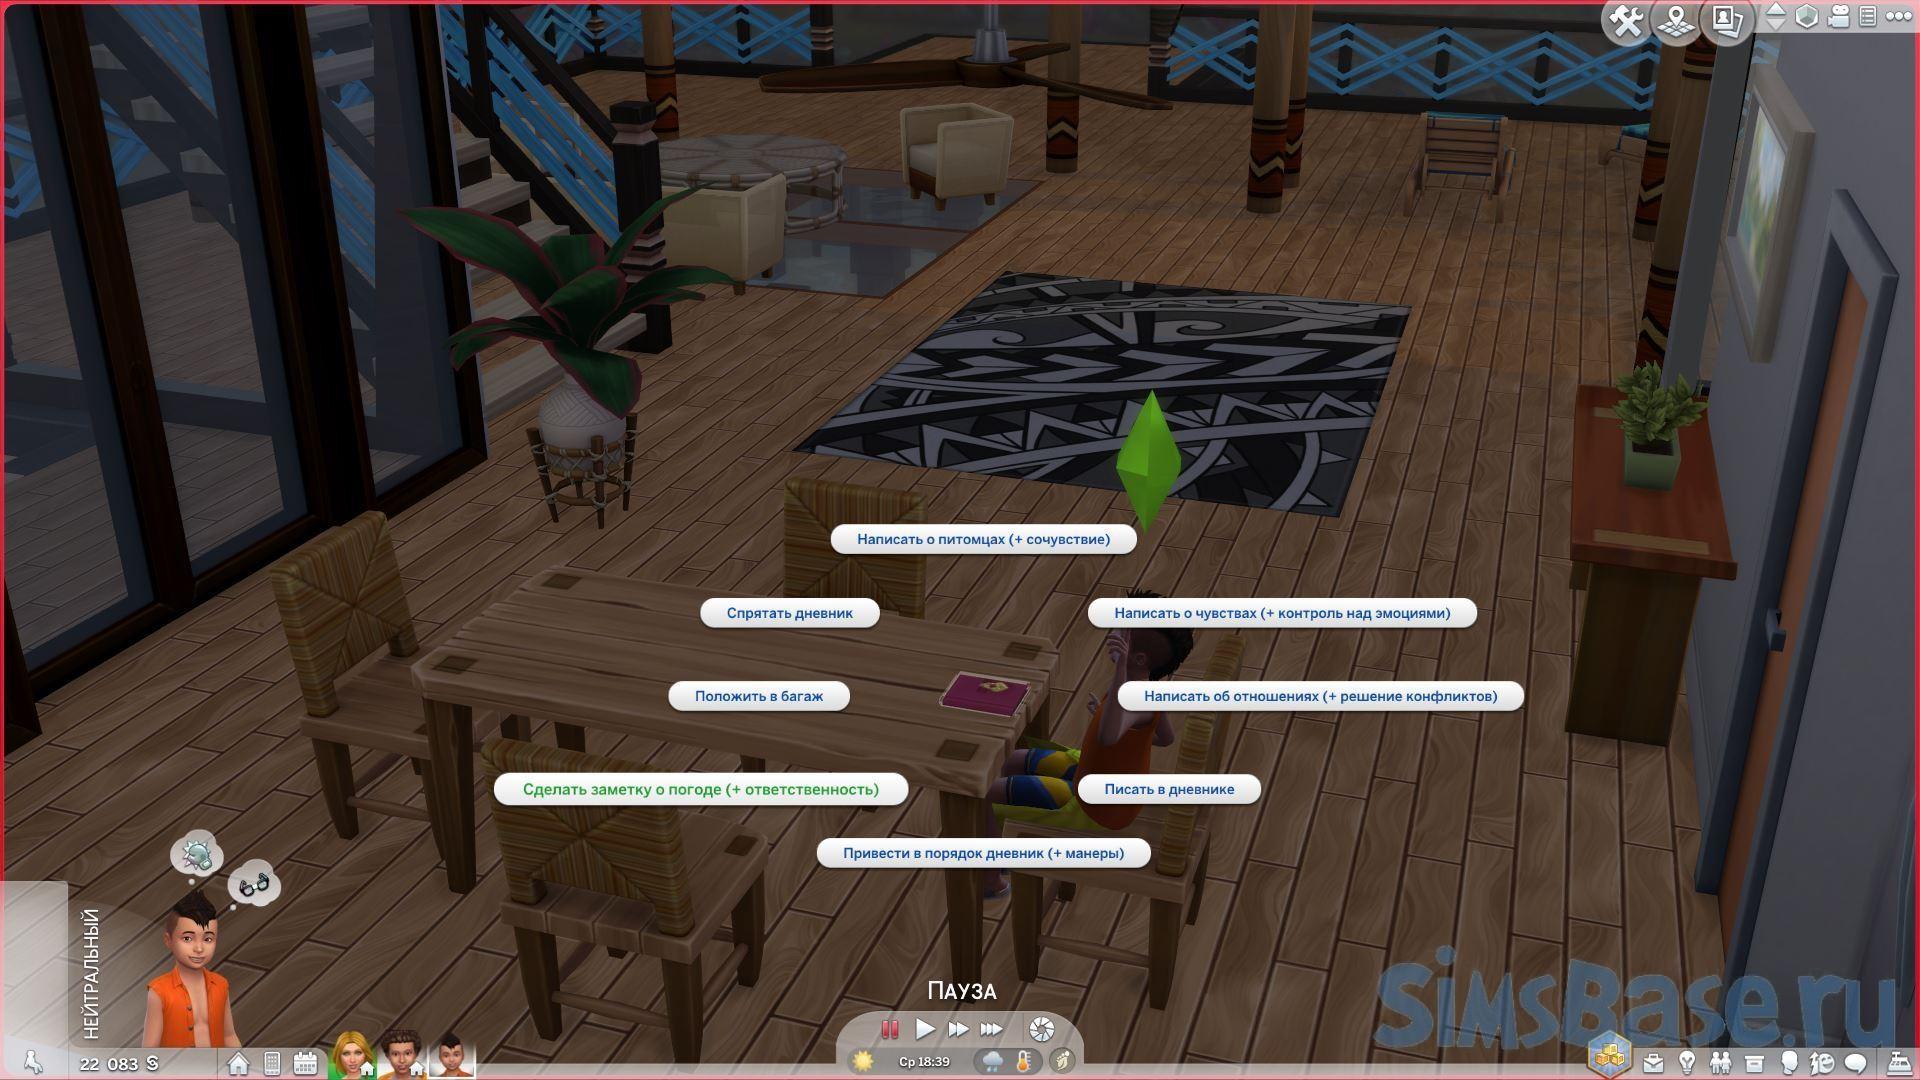 Мод «Новые записи для личного дневника» от ShuSanR для Sims 4